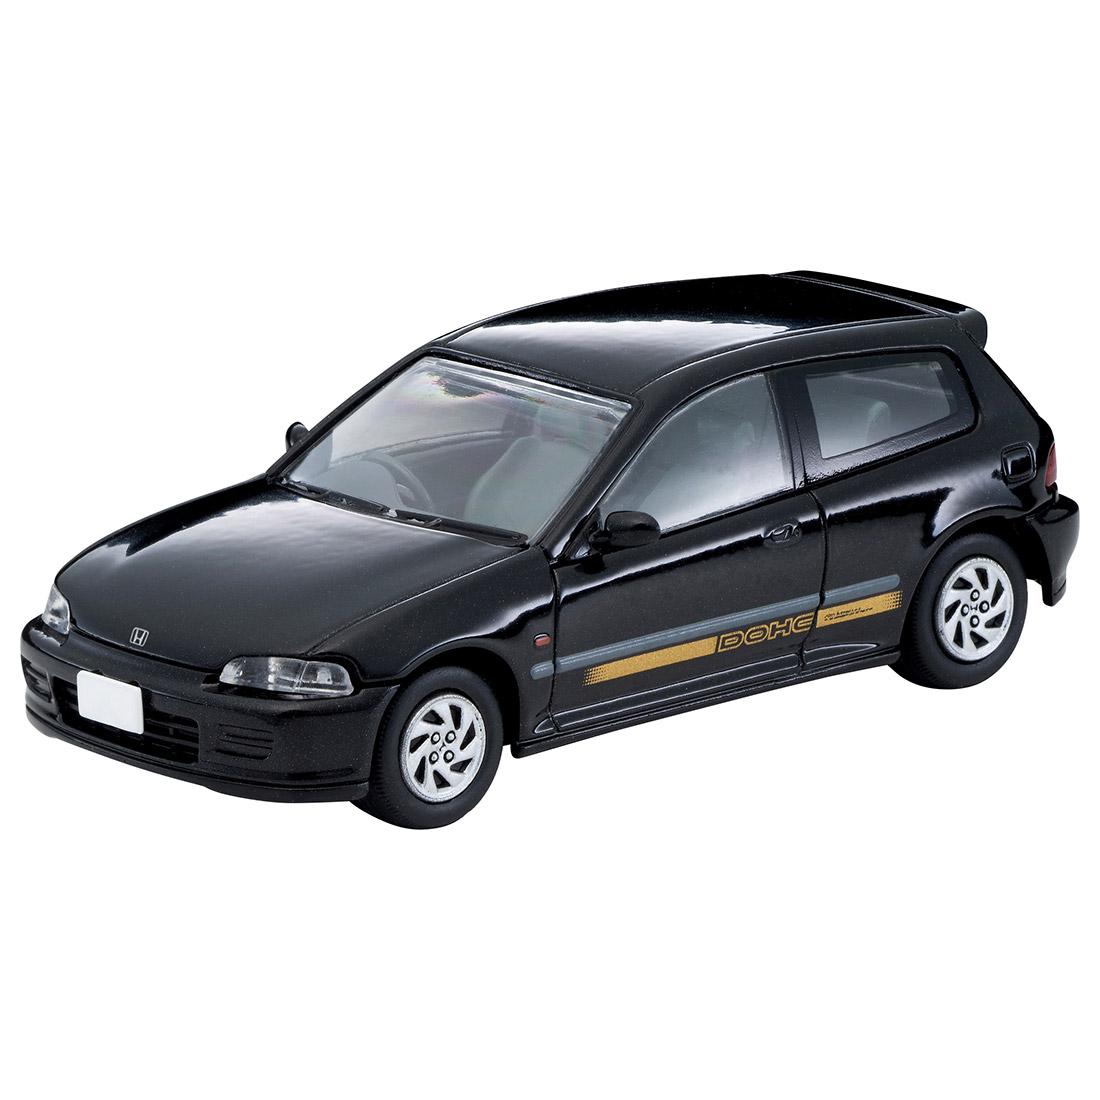 トミカリミテッド ヴィンテージ ネオ TLV-NEO『LV-N210a シルビアHBターボZSE(黒)』1/64 ミニカー-001